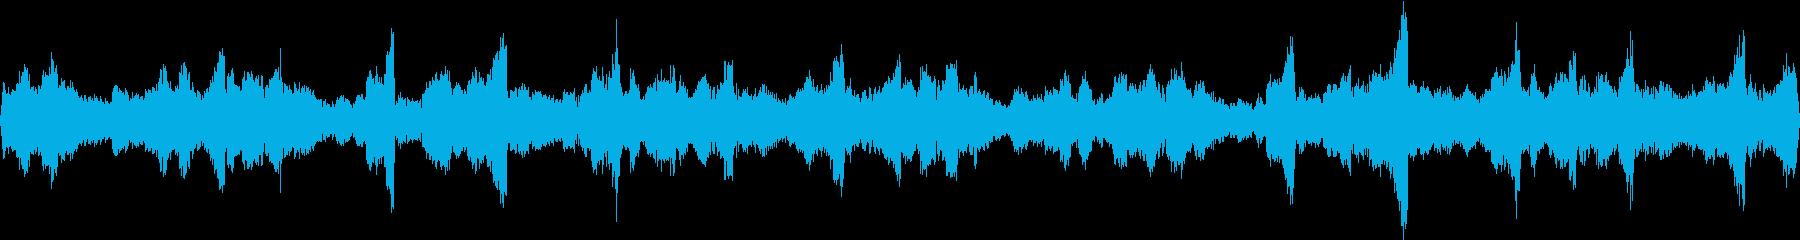 チル系エレクトロBGM02の再生済みの波形